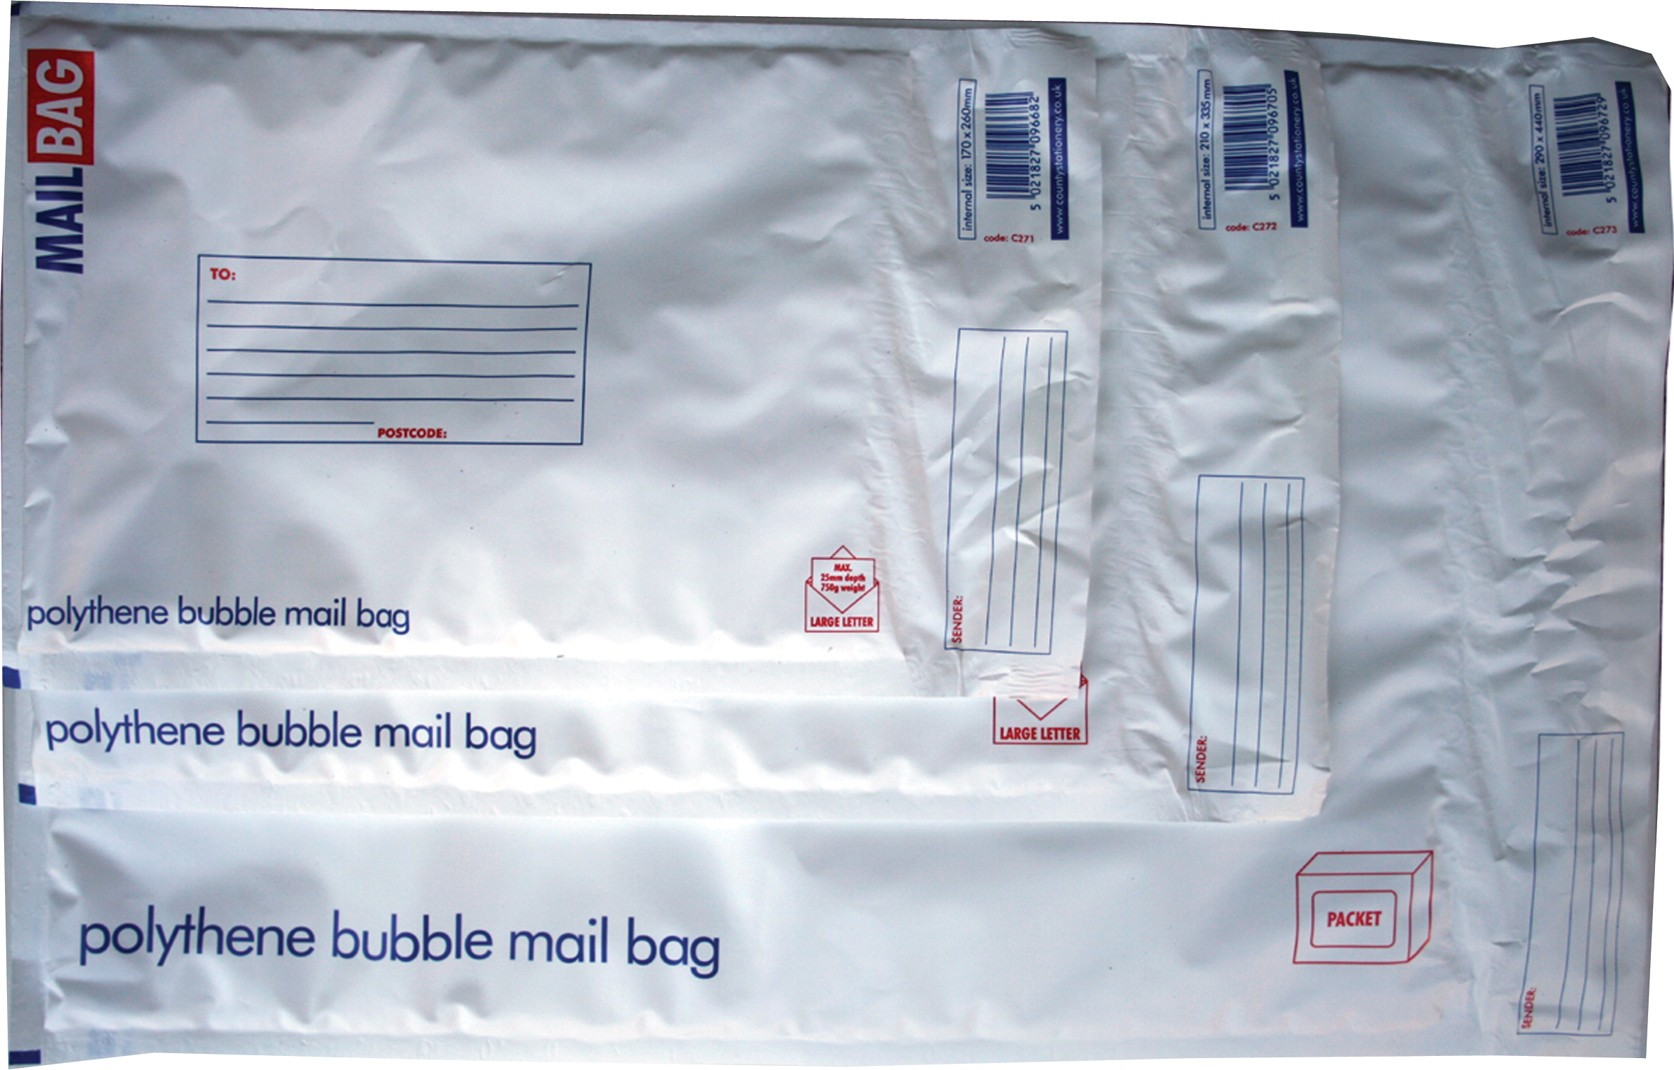 Bubble mail bag